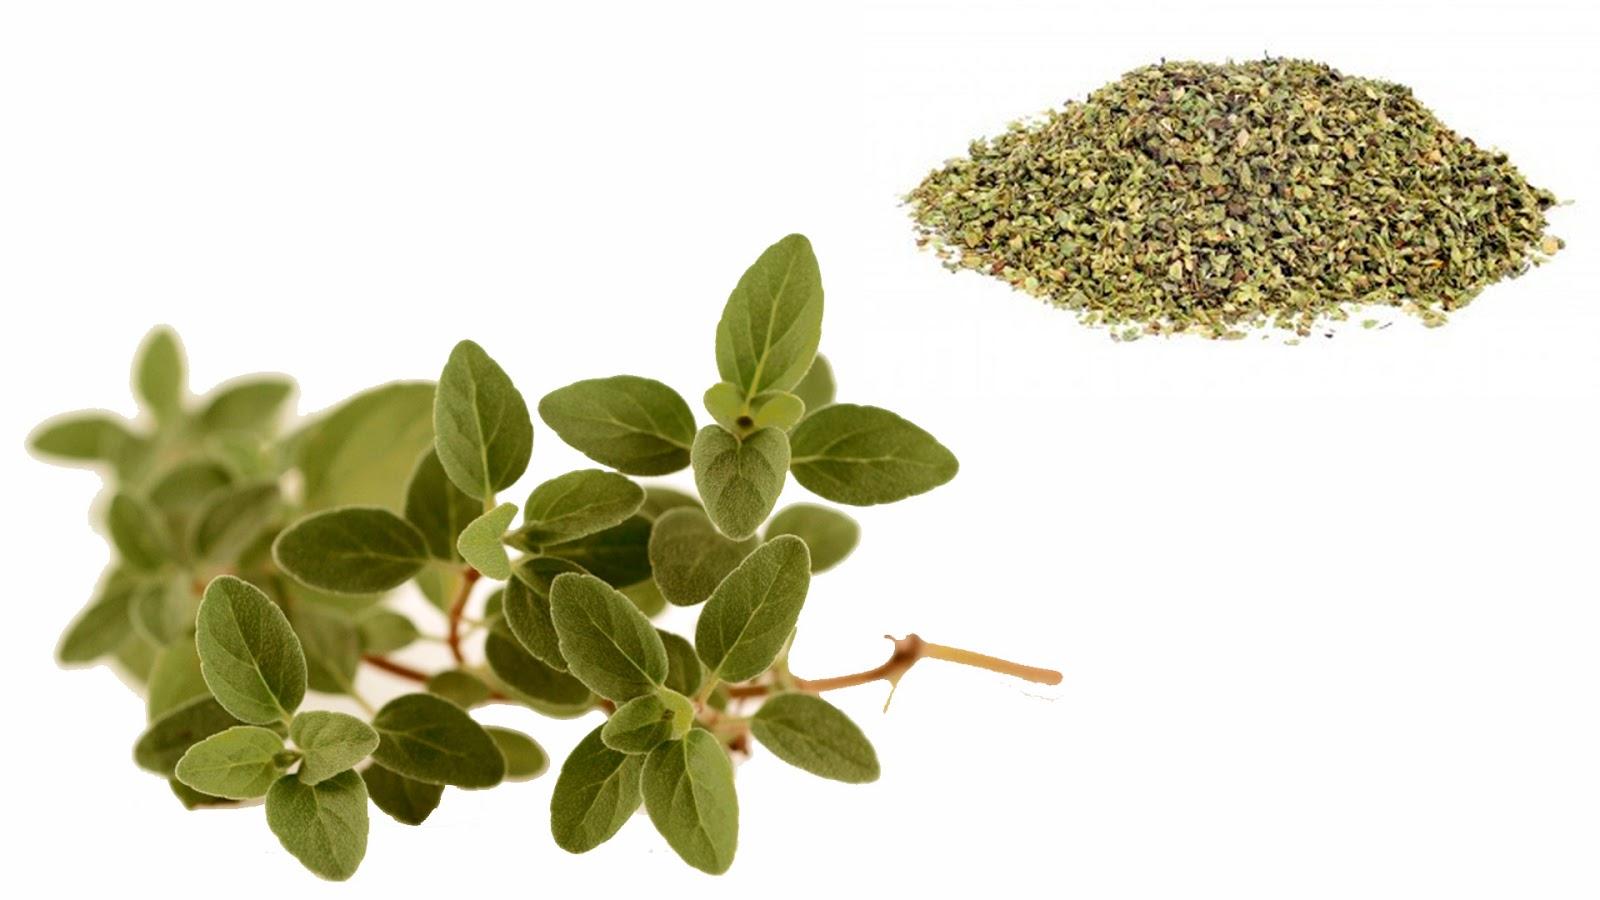 Pasandodato 7 hierbas para cocinar for Plantas aromaticas para cocinar